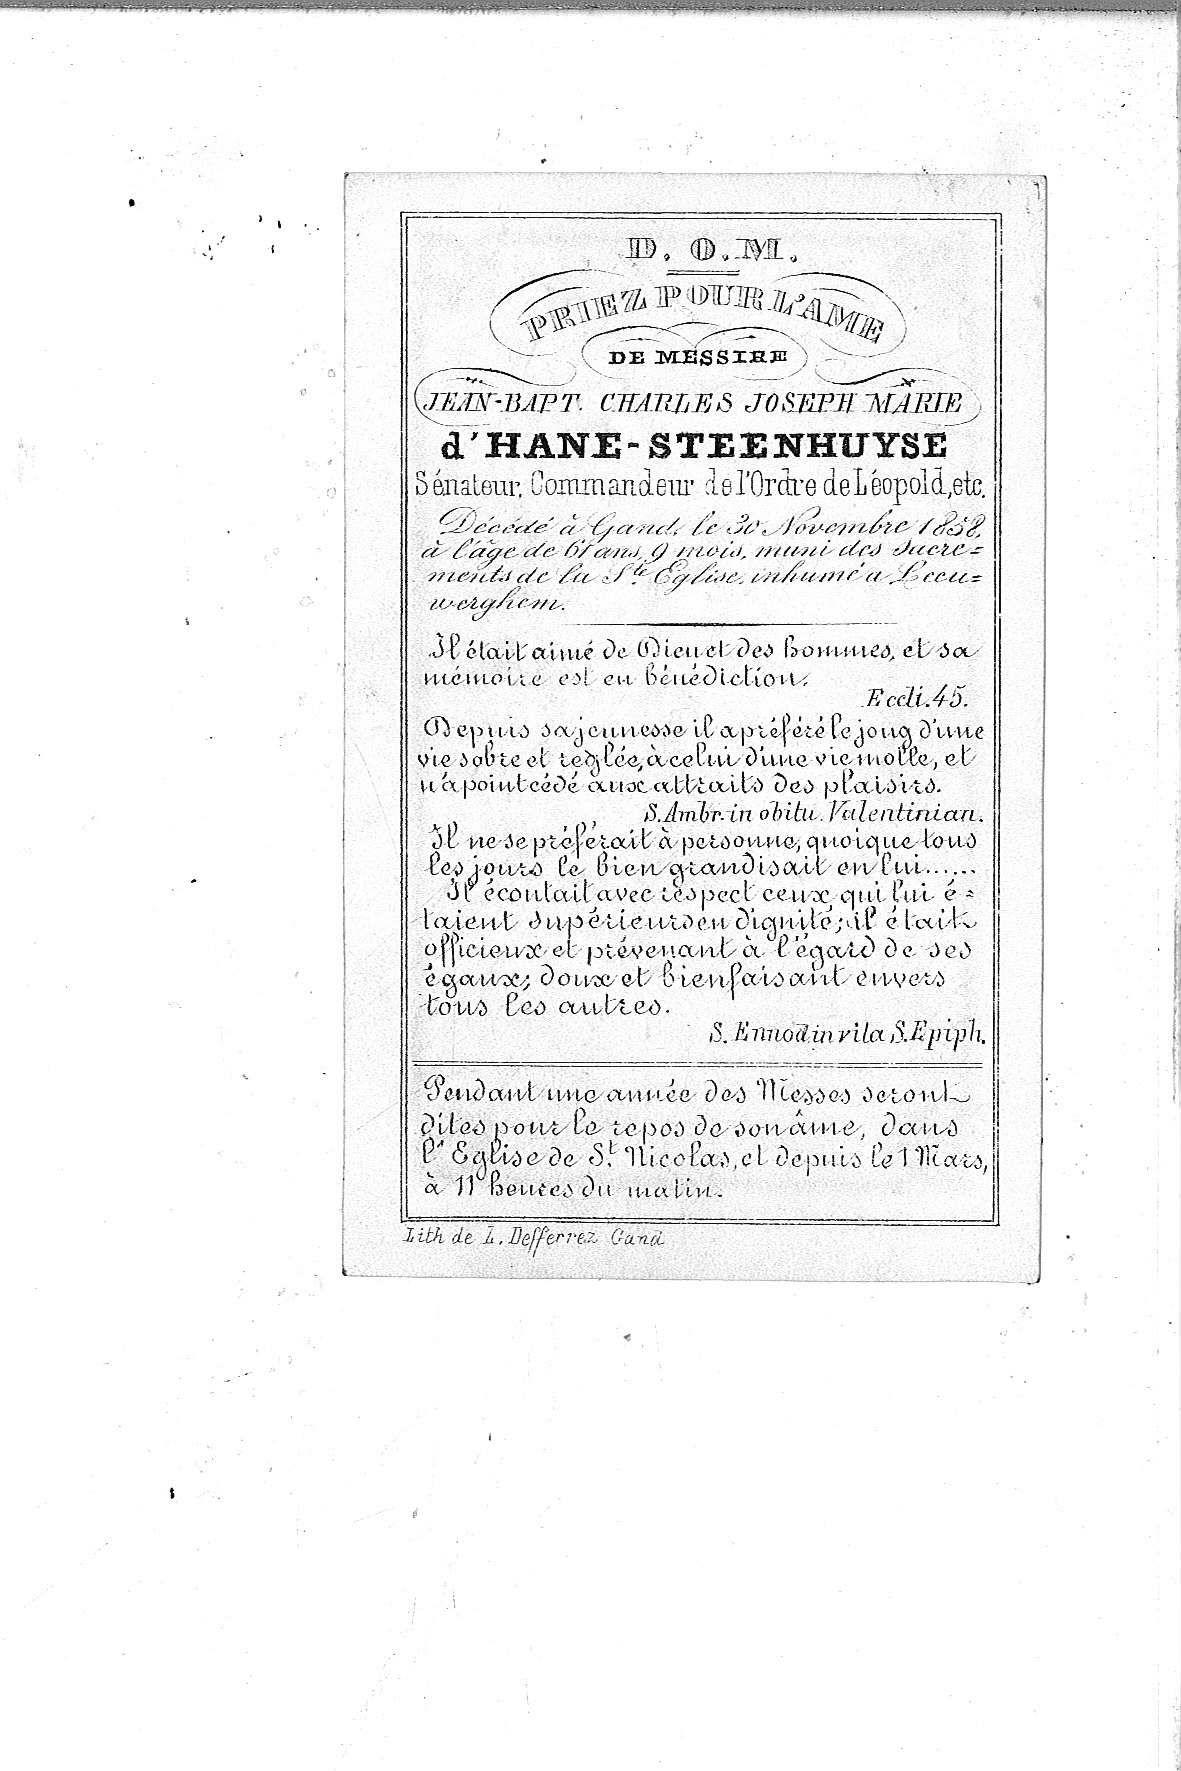 Jean-Bapt.-Charles-Joseph-Marie-(1858)-20120919084524_00015.jpg